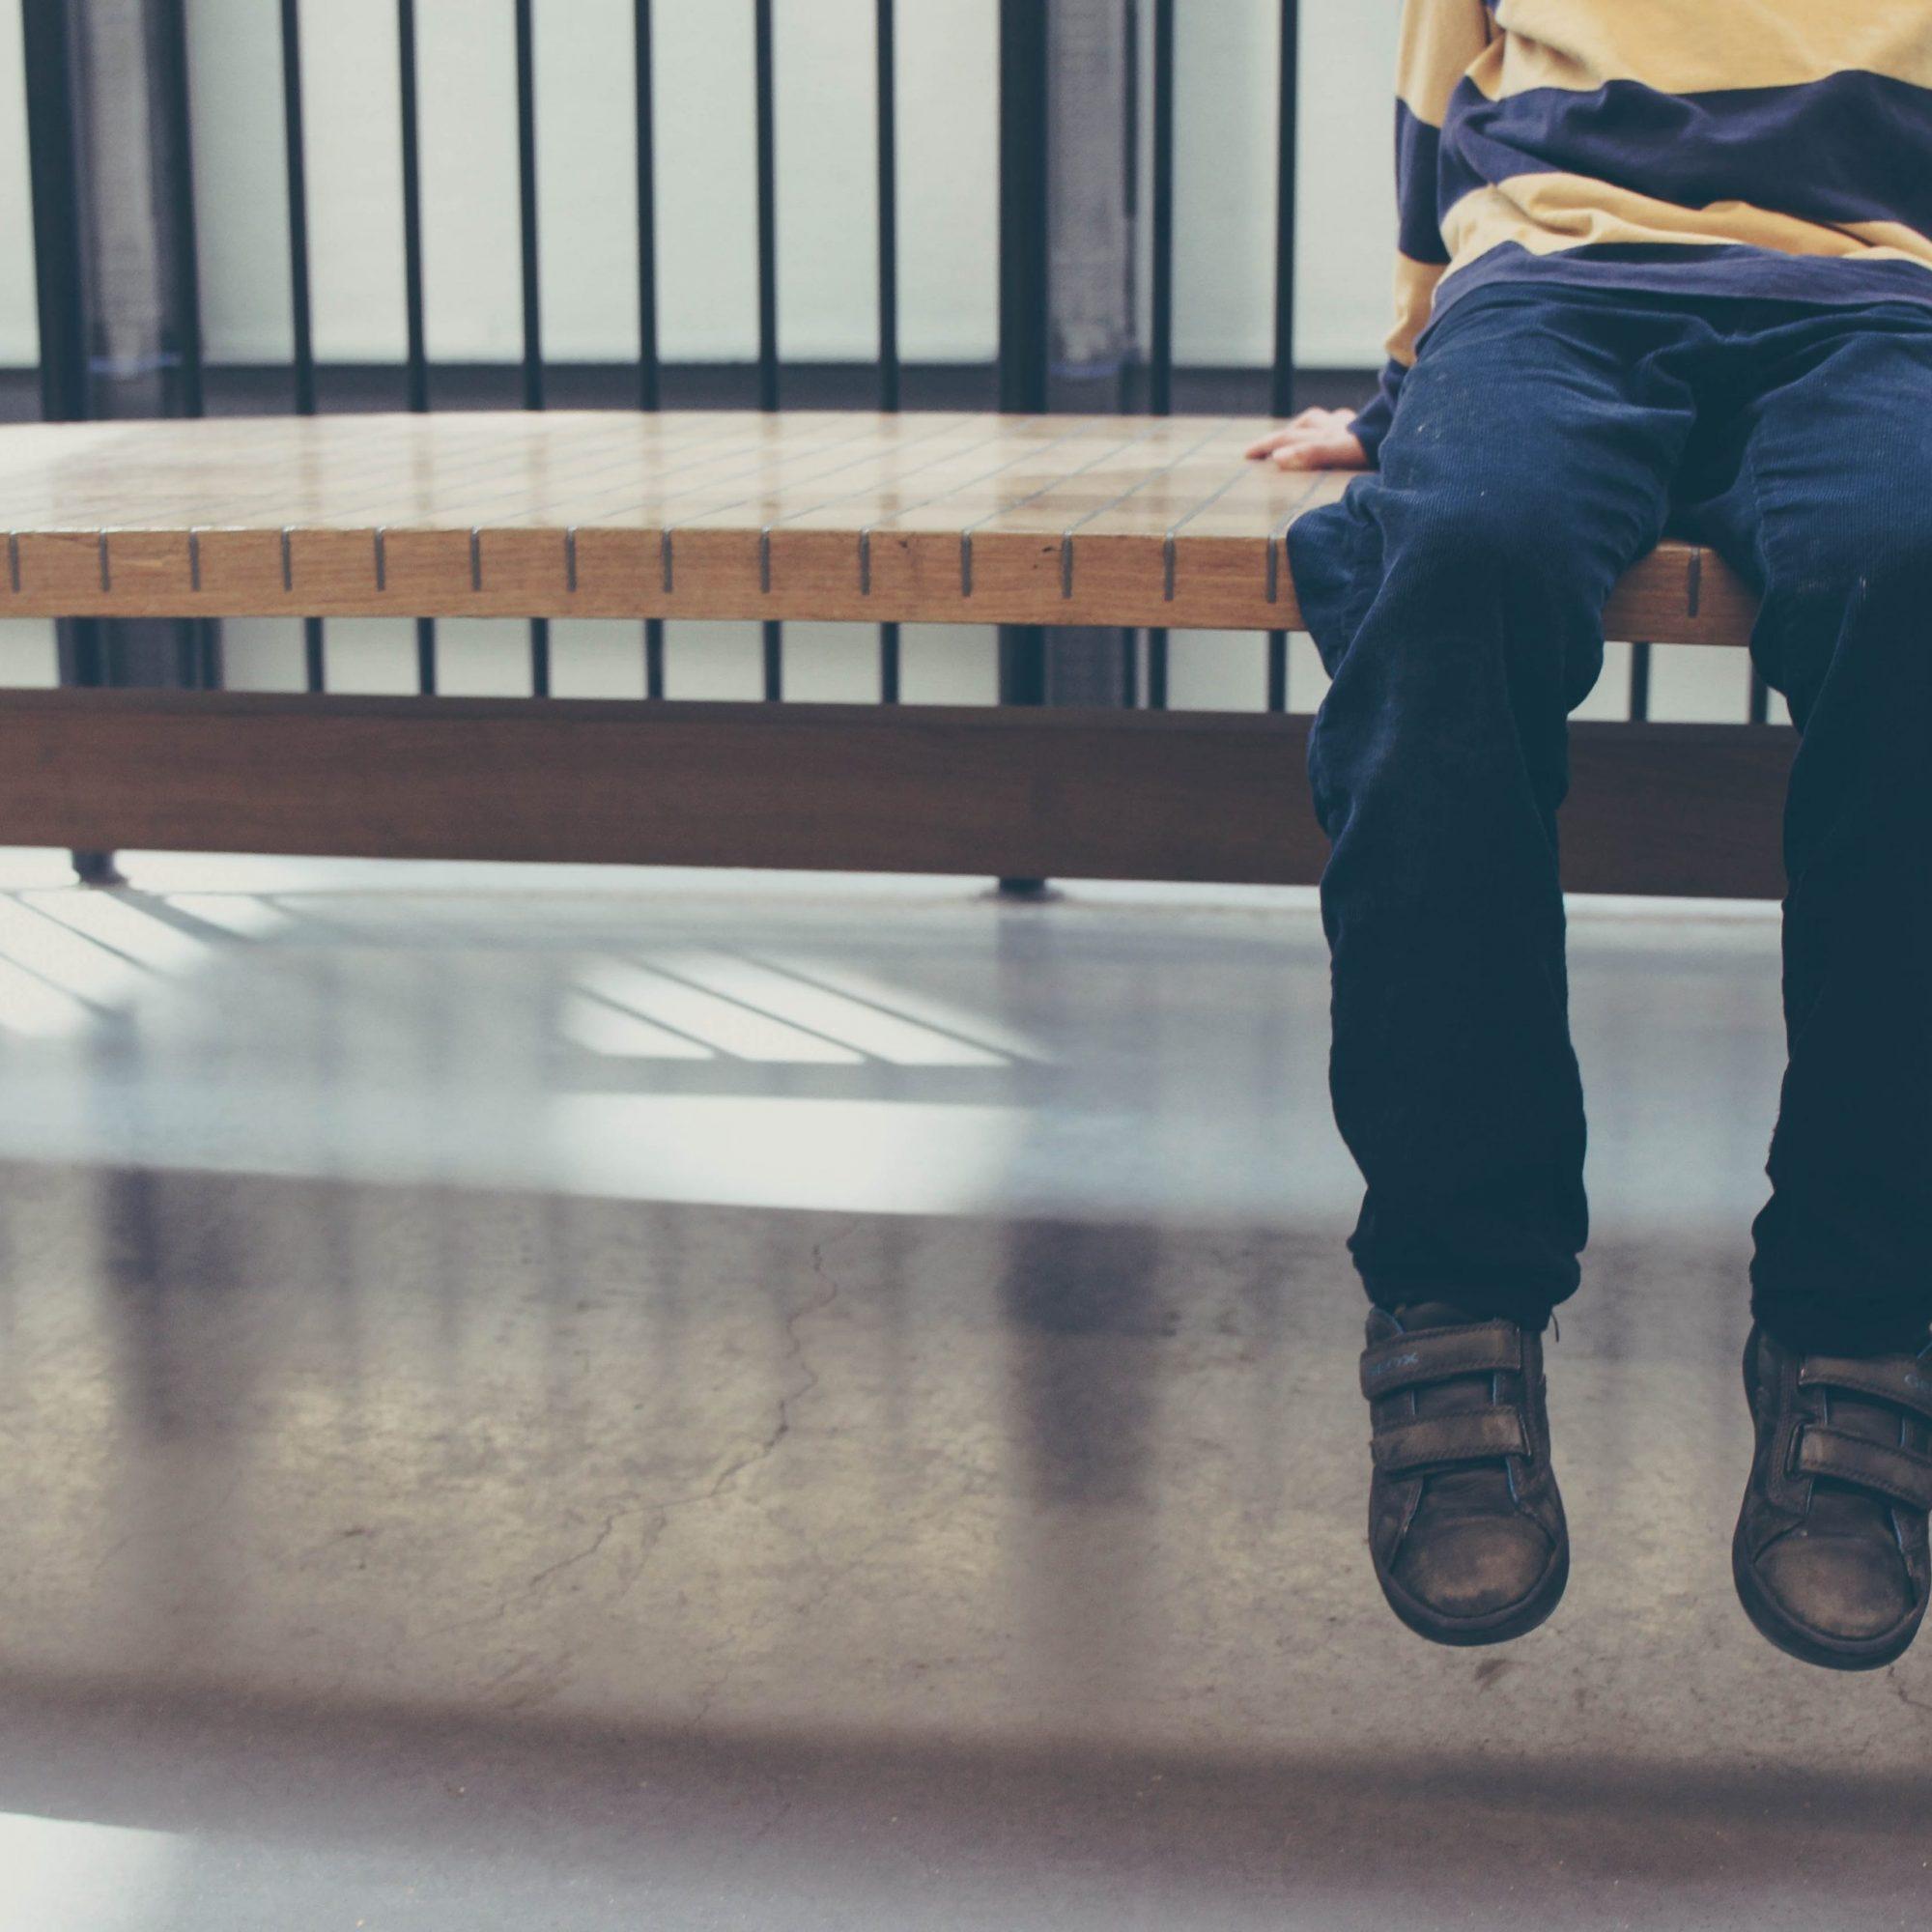 Nepsy-lapsi haluaa tulla nähdyksi ja kokea olevansa hyväksytty